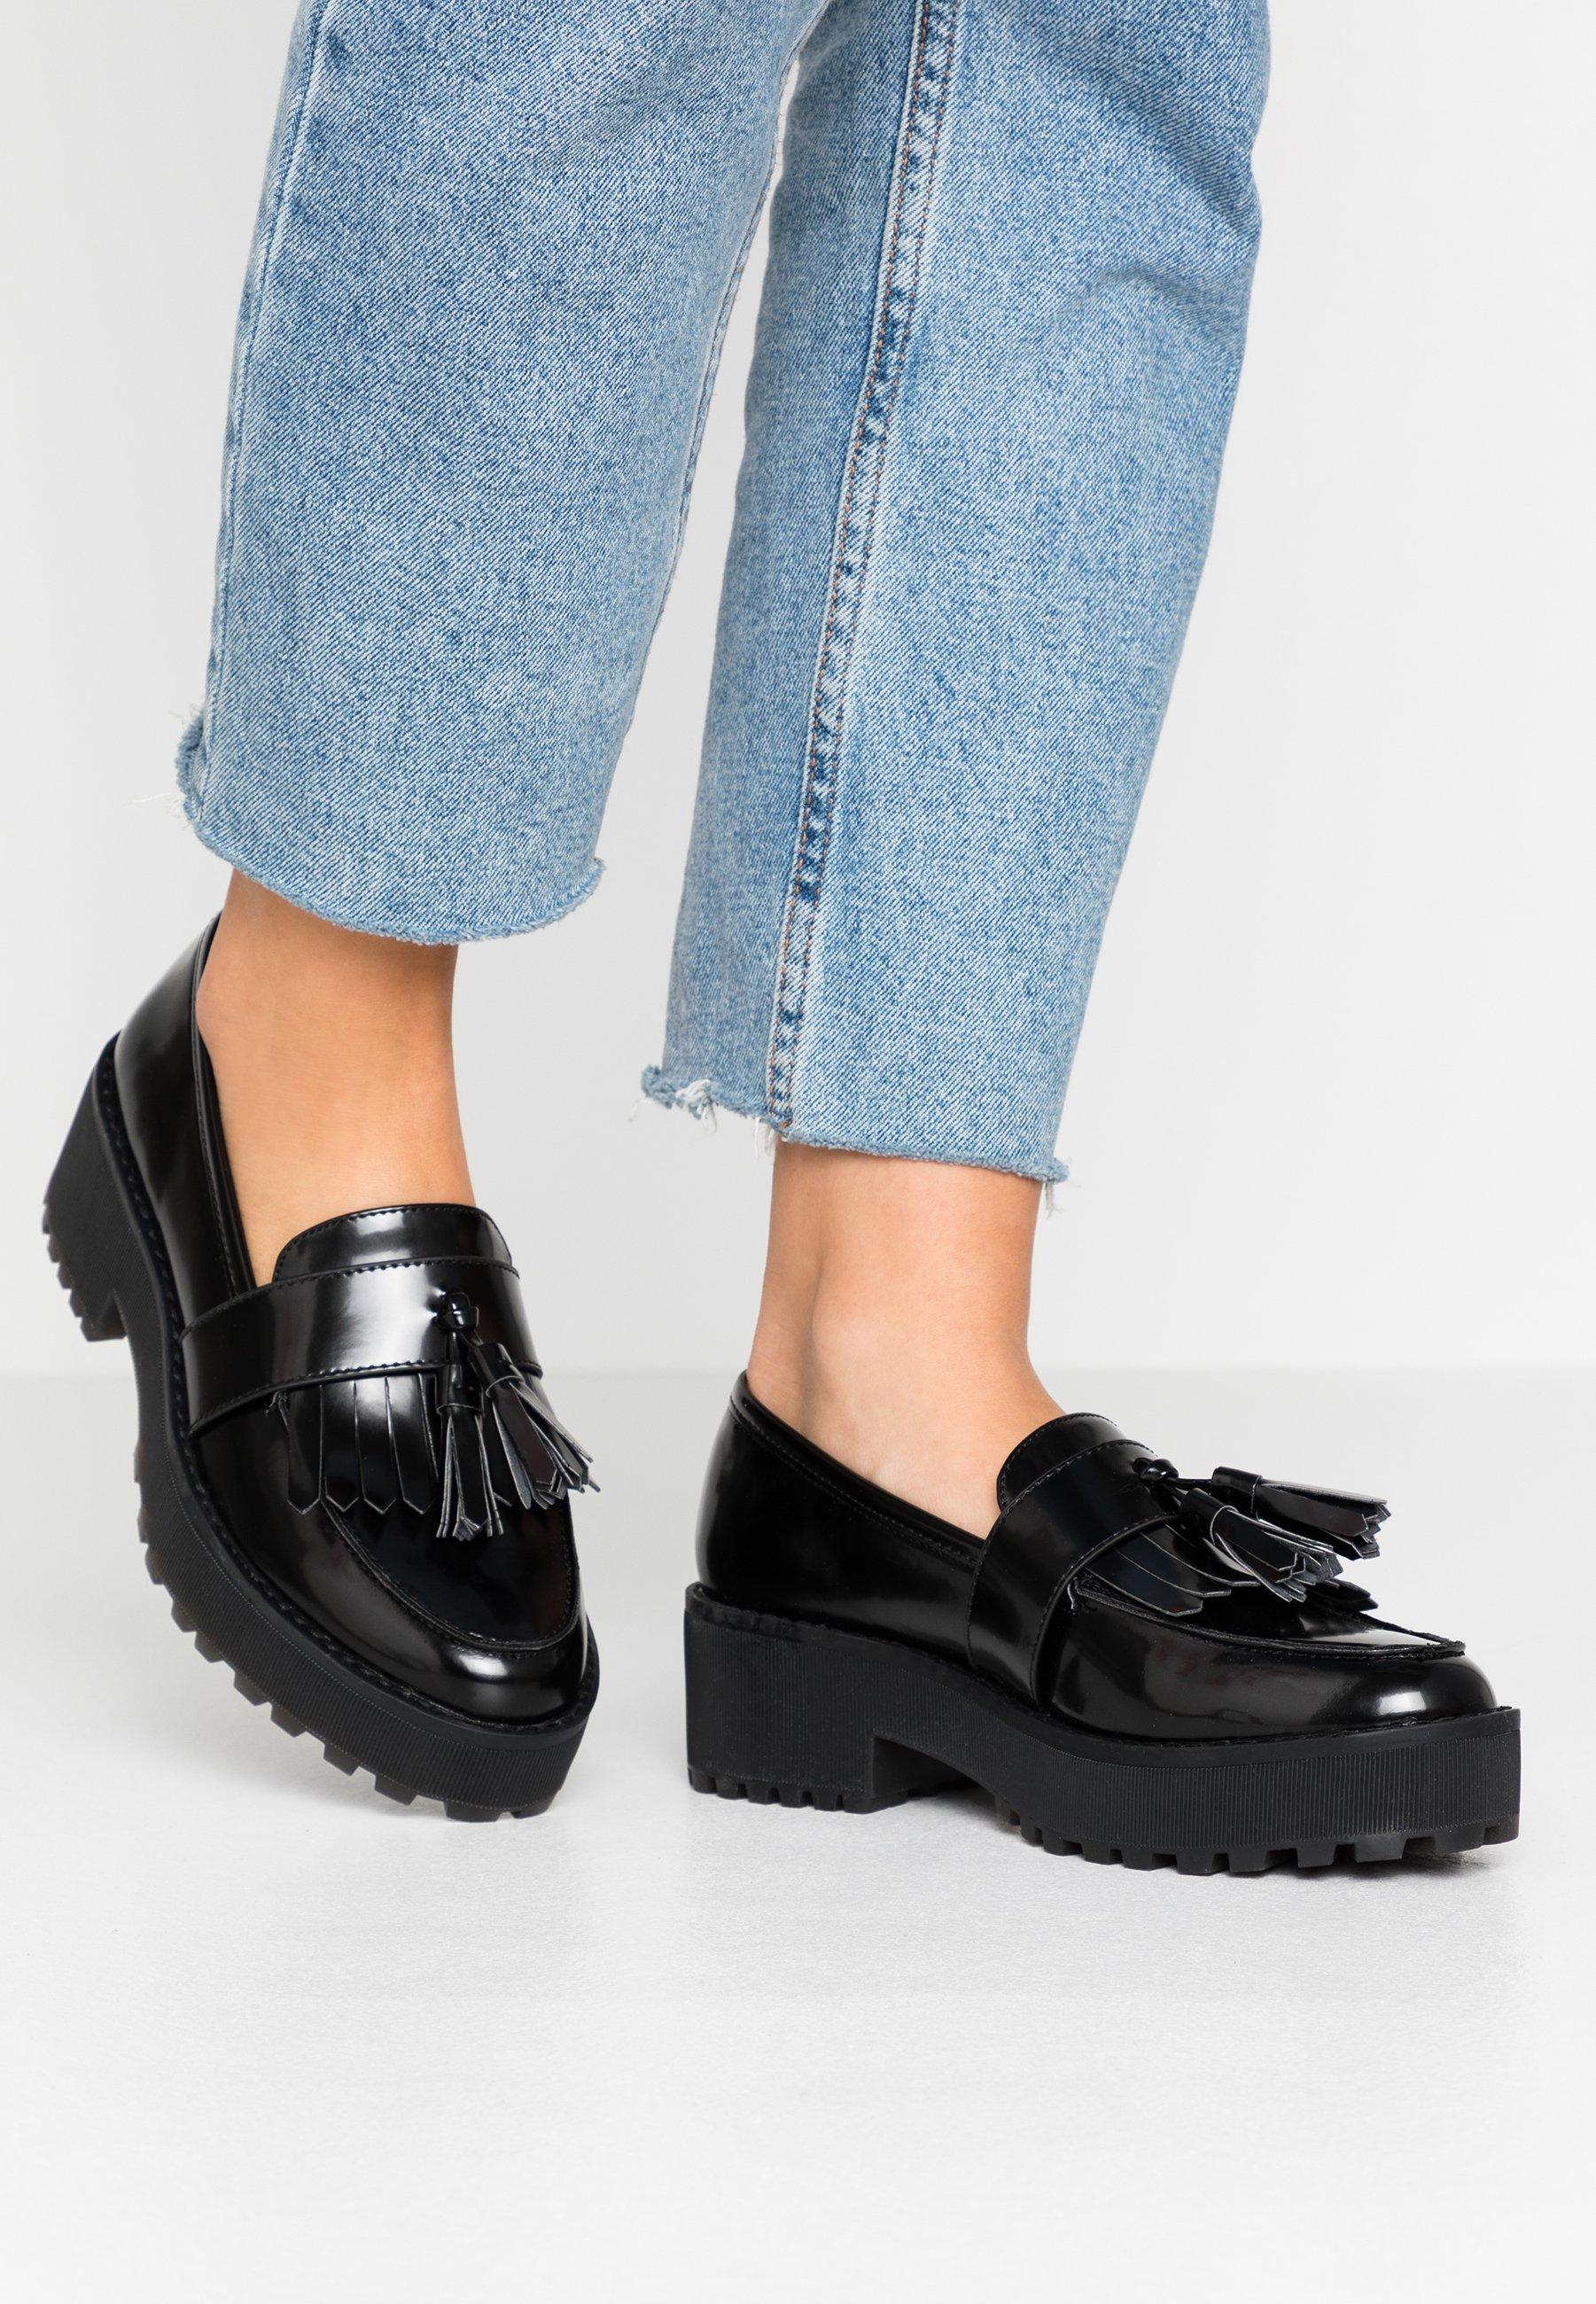 LUCY LOAFER Scarpe senza lacci black